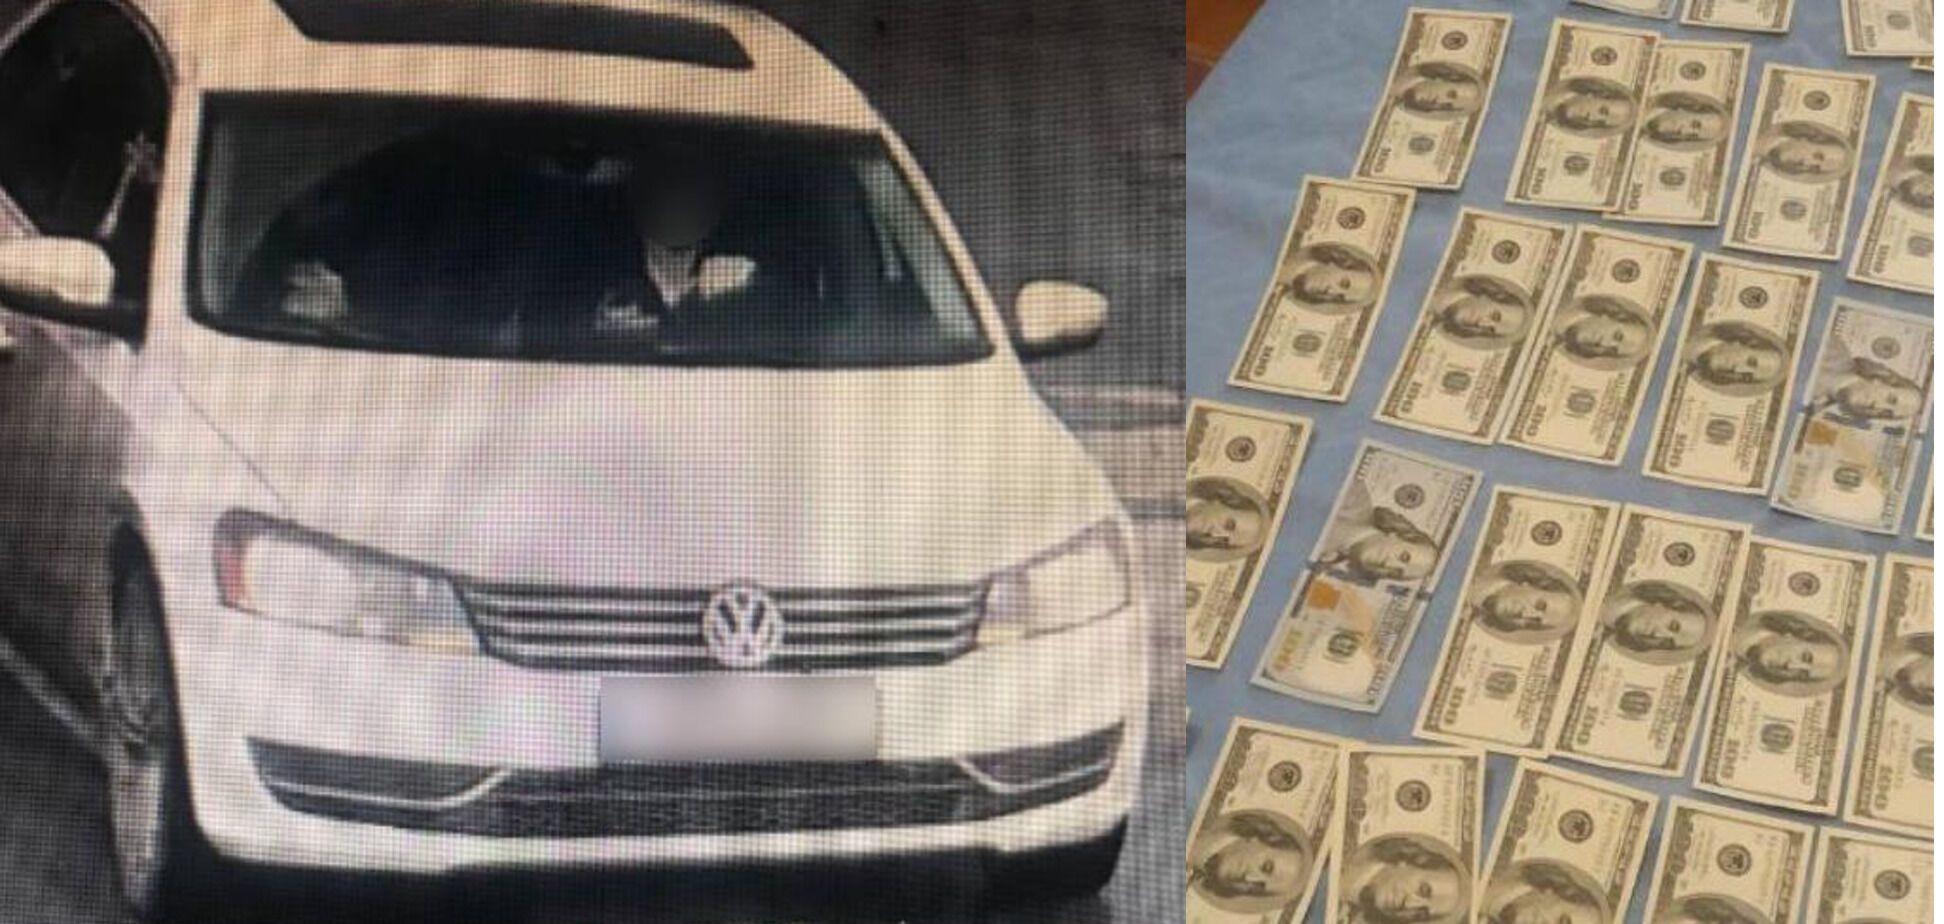 Автомобіль шахраїв і гроші, які вони виманили. Колаж із фото поліції Київської області